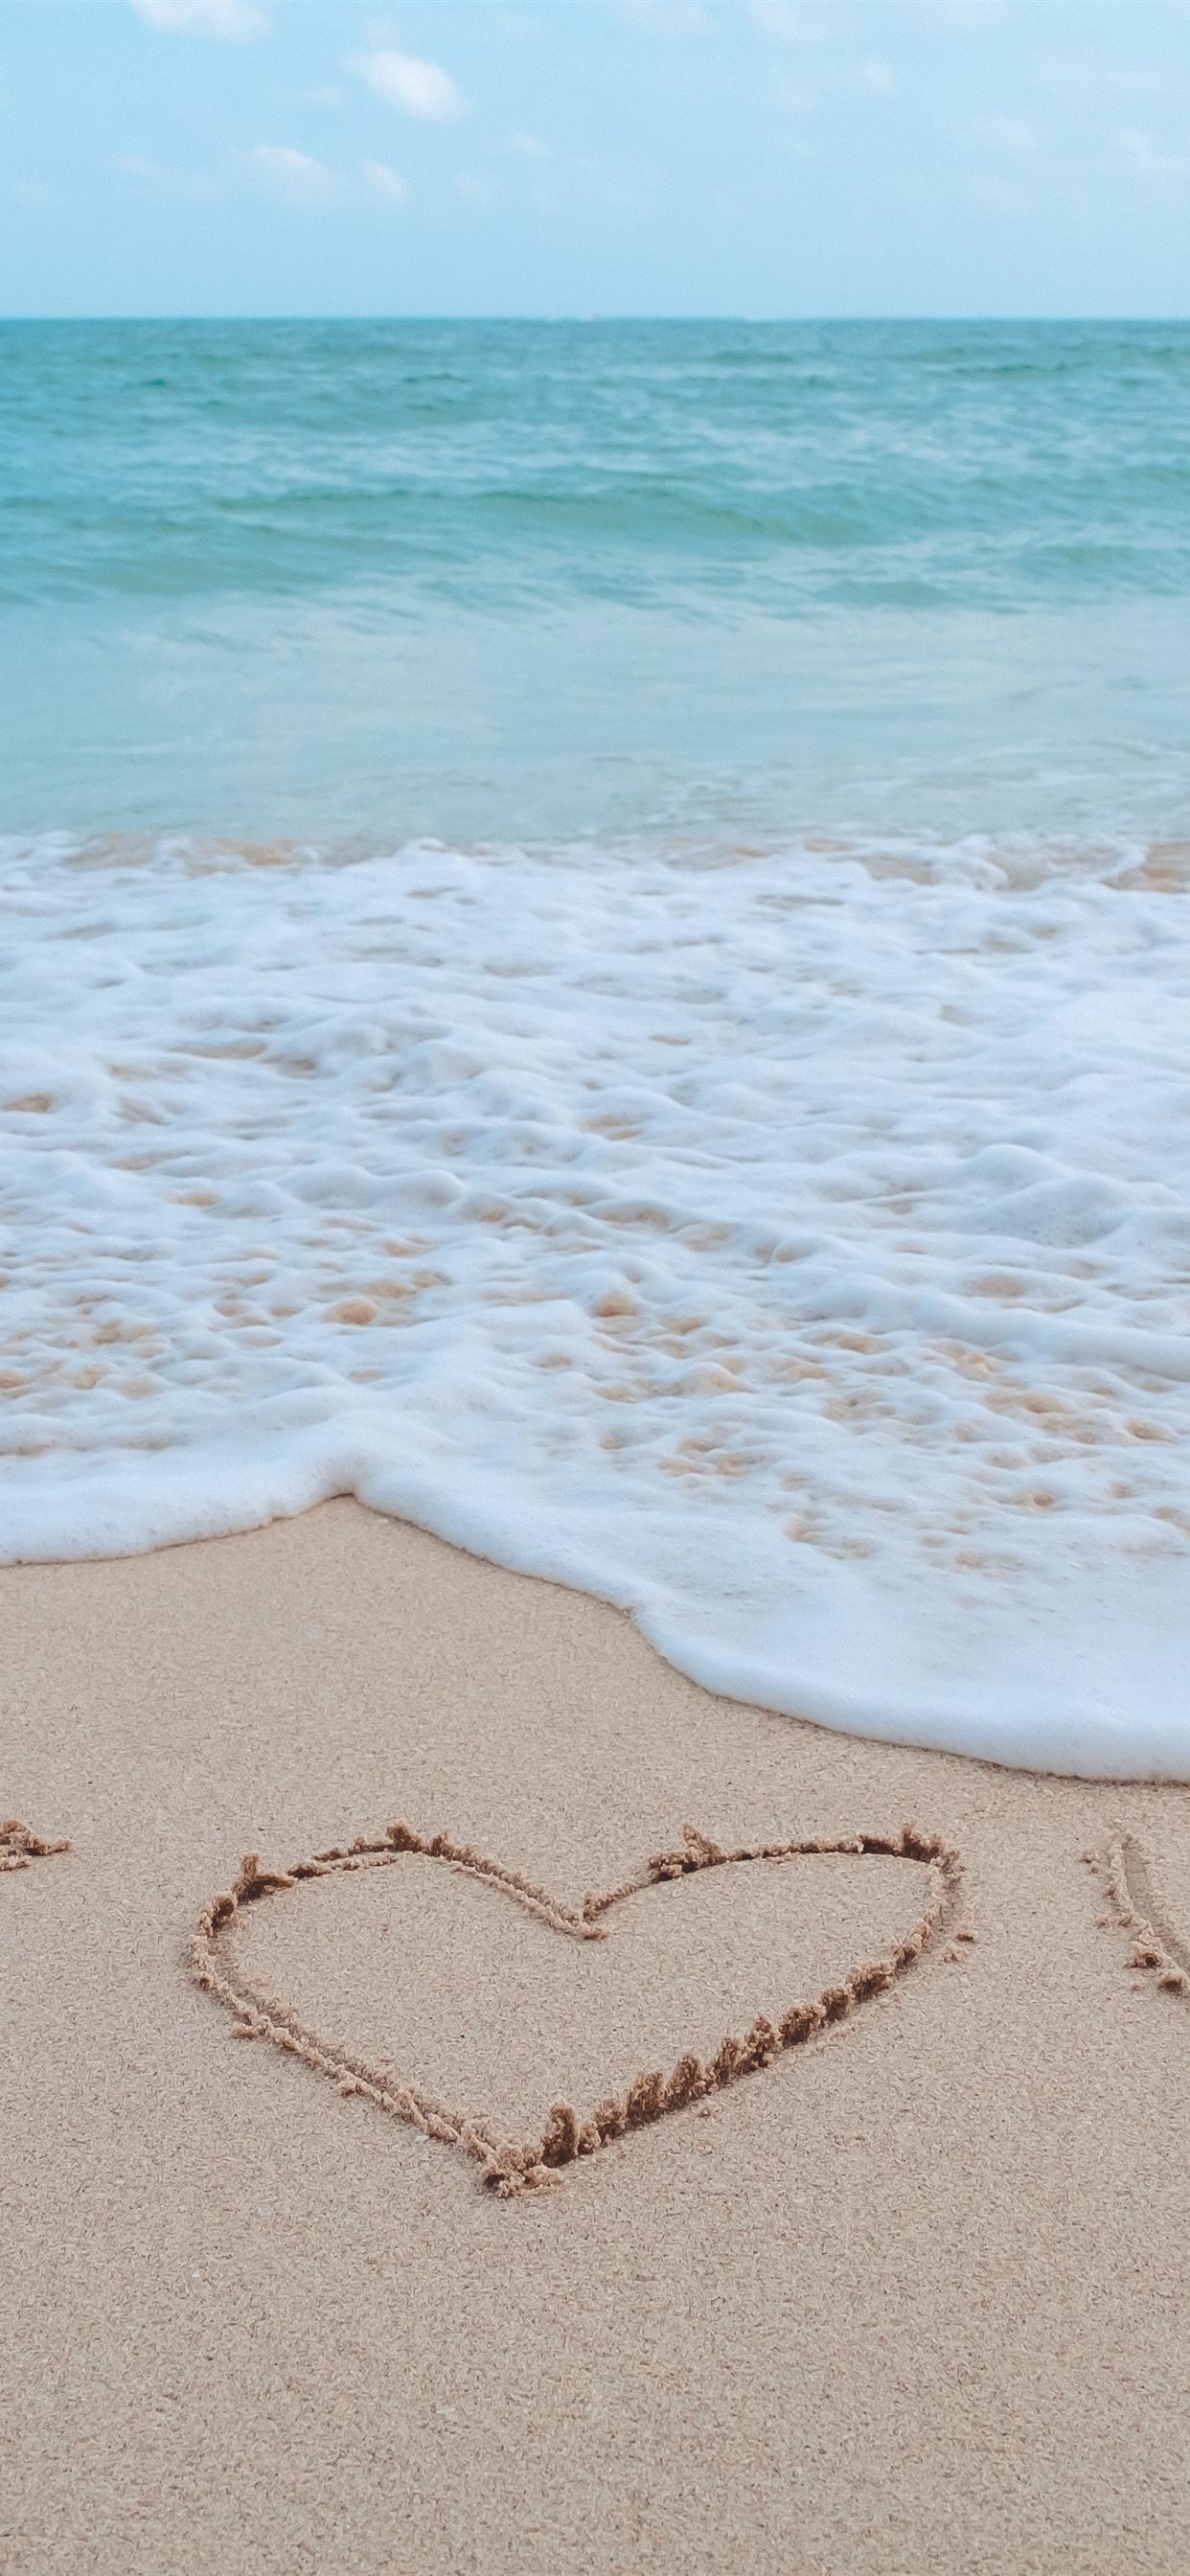 Sea Foam Beach I Love You 1242x2688 Iphone Xs Max